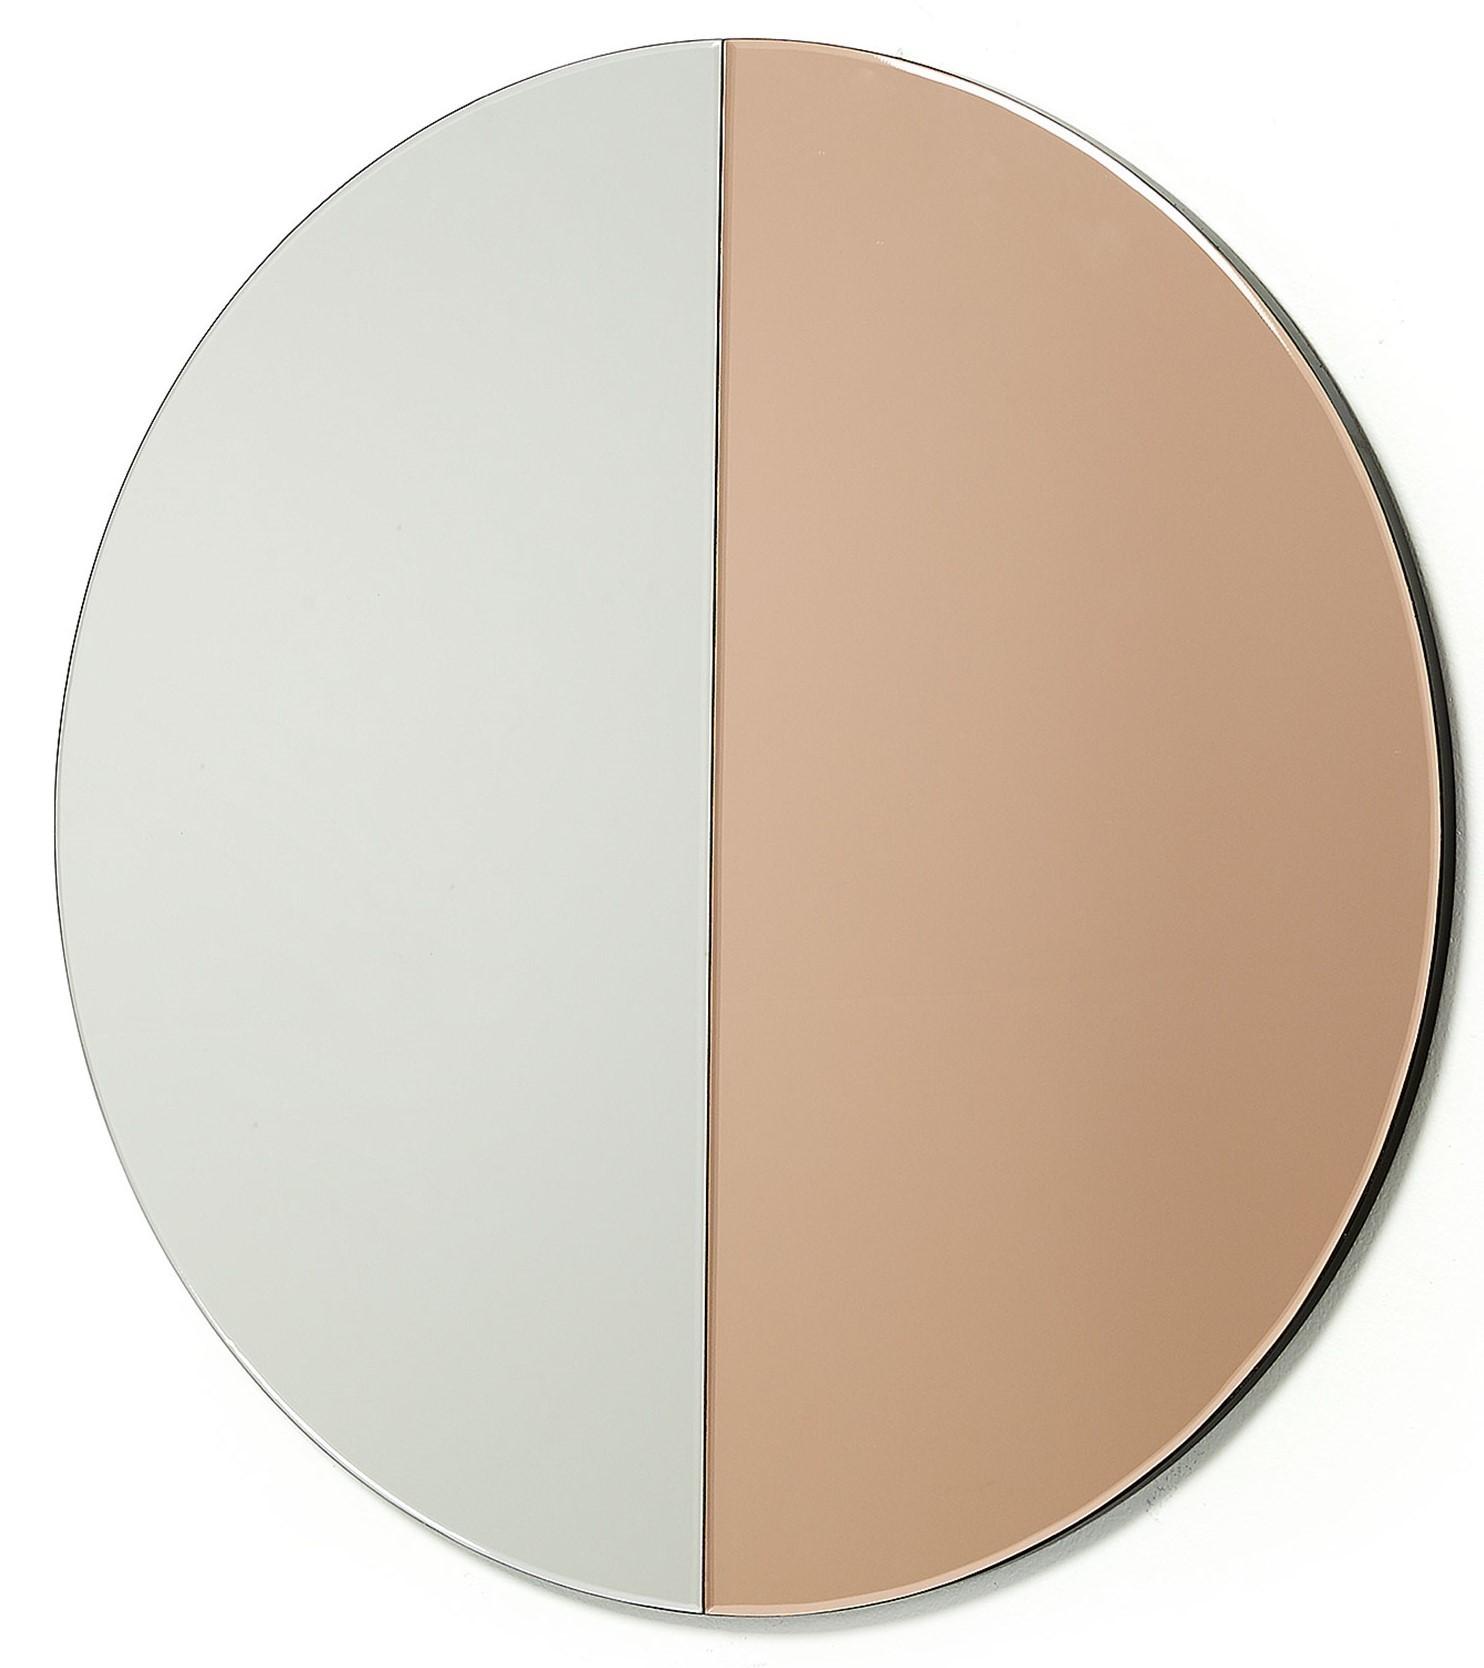 Ungewöhnlich Mosaik Gerahmte Spiegel Fotos - Rahmen Ideen ...